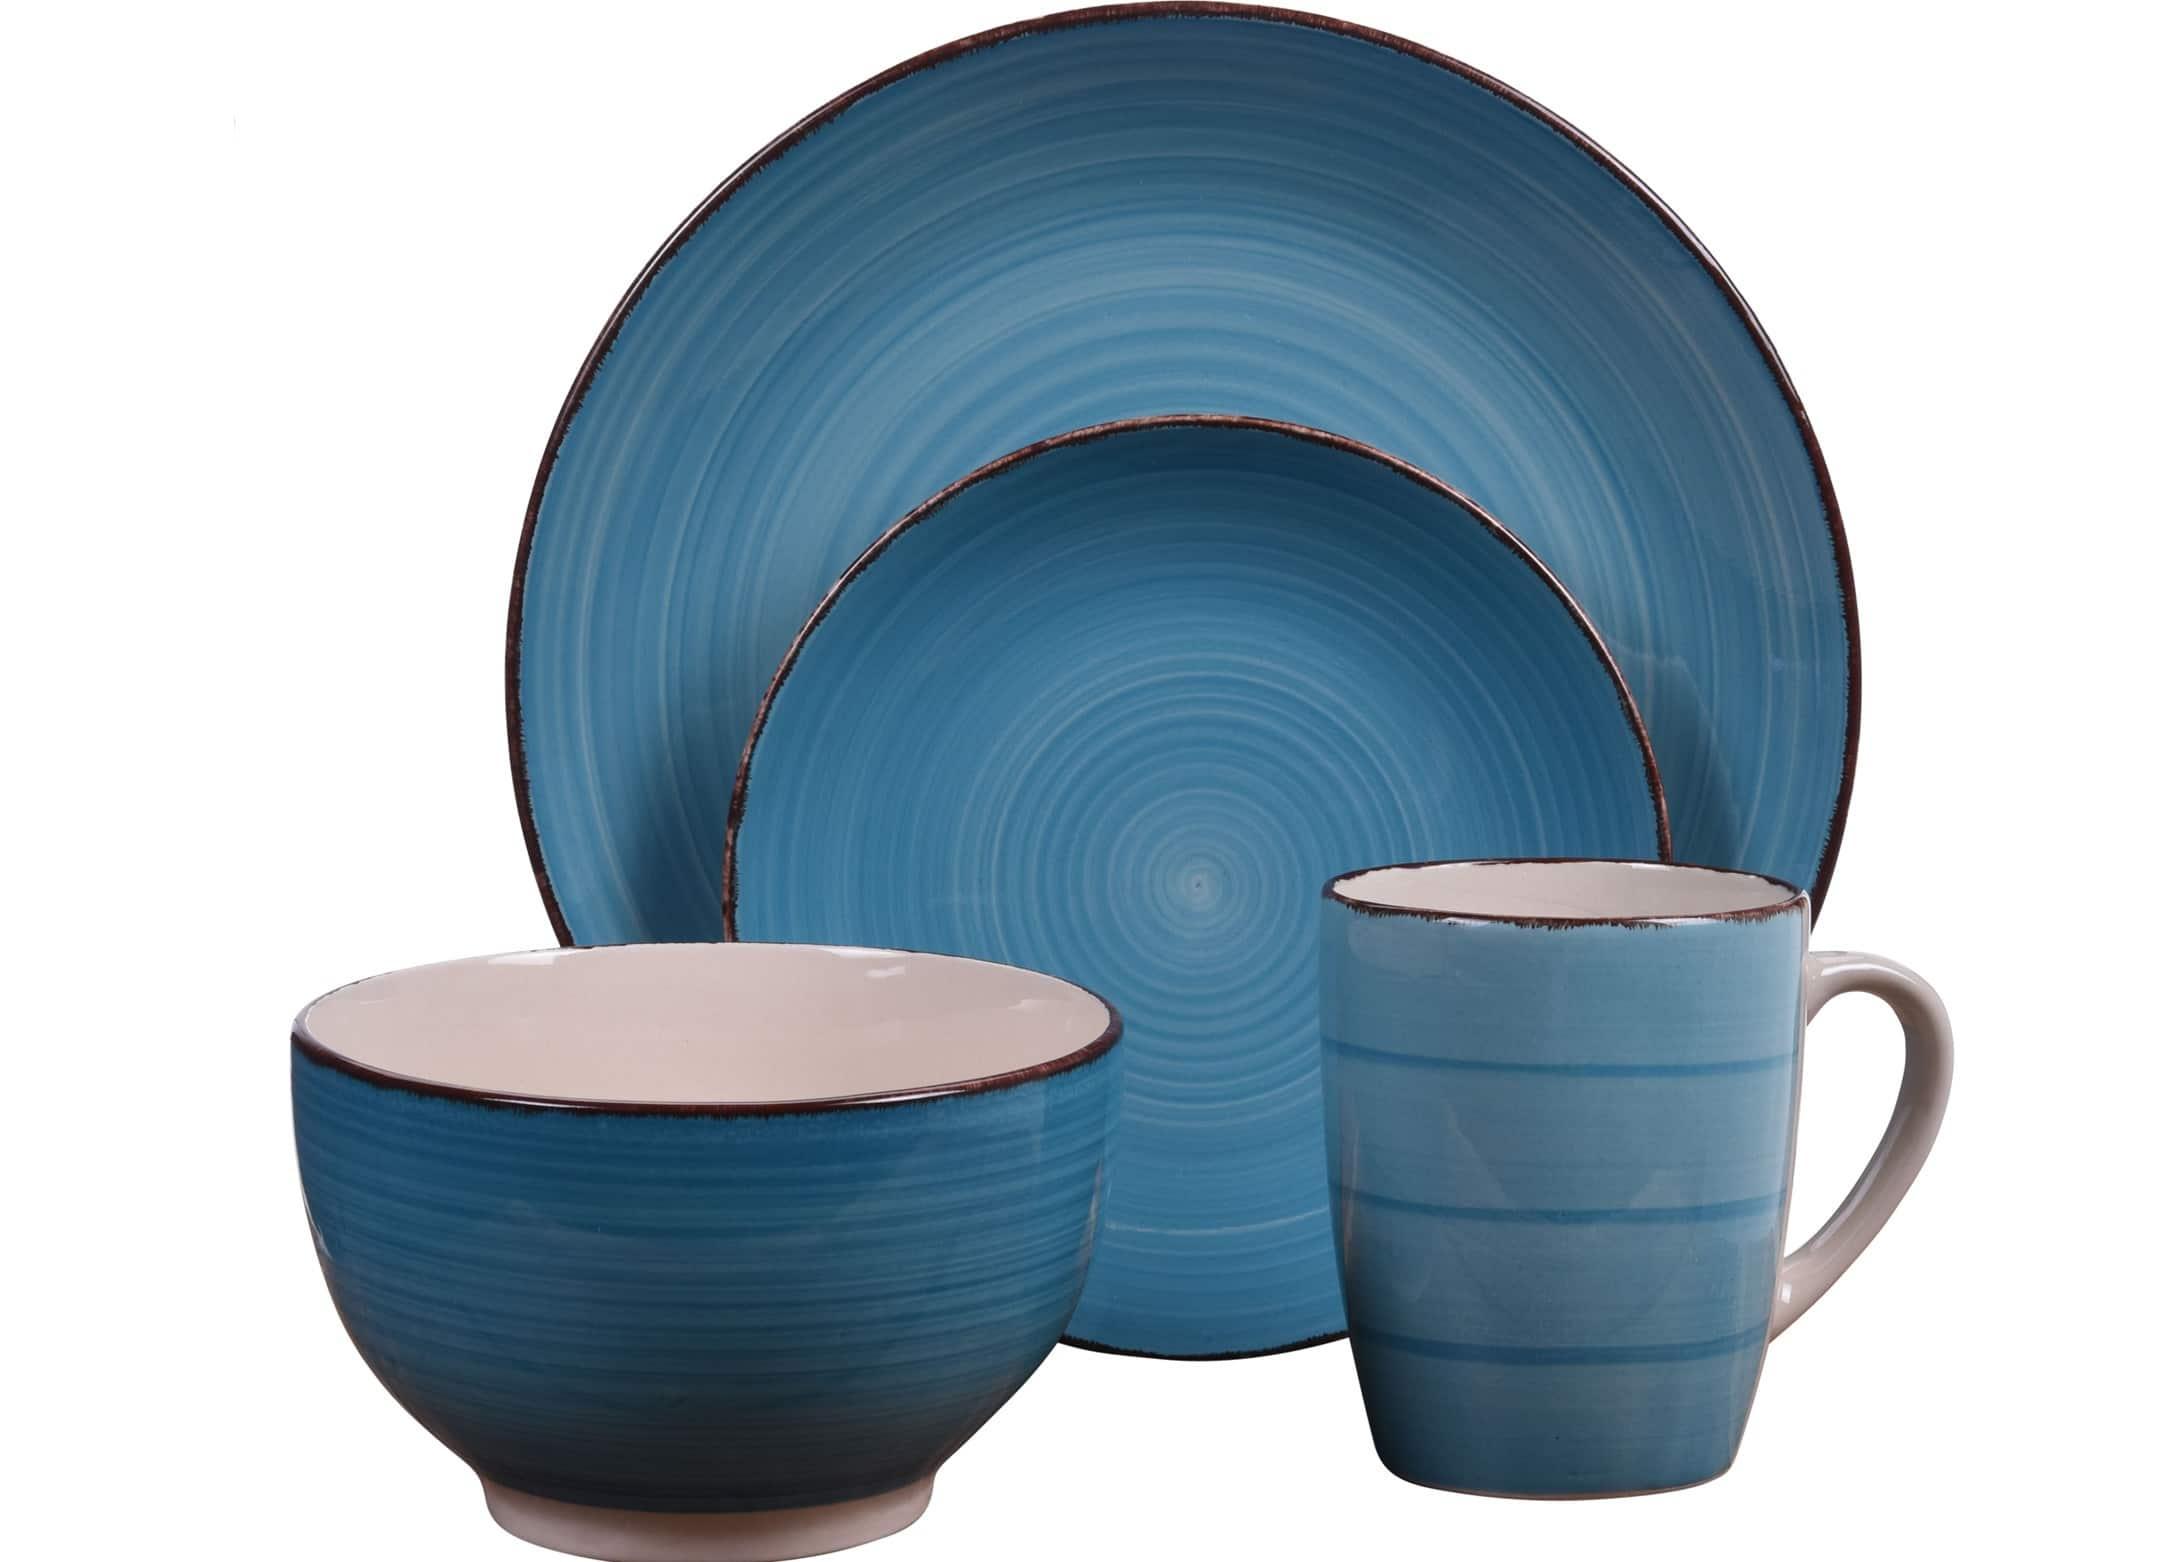 4goodz aardewerk servies 4 personen / 16 delig - Blauw met beige